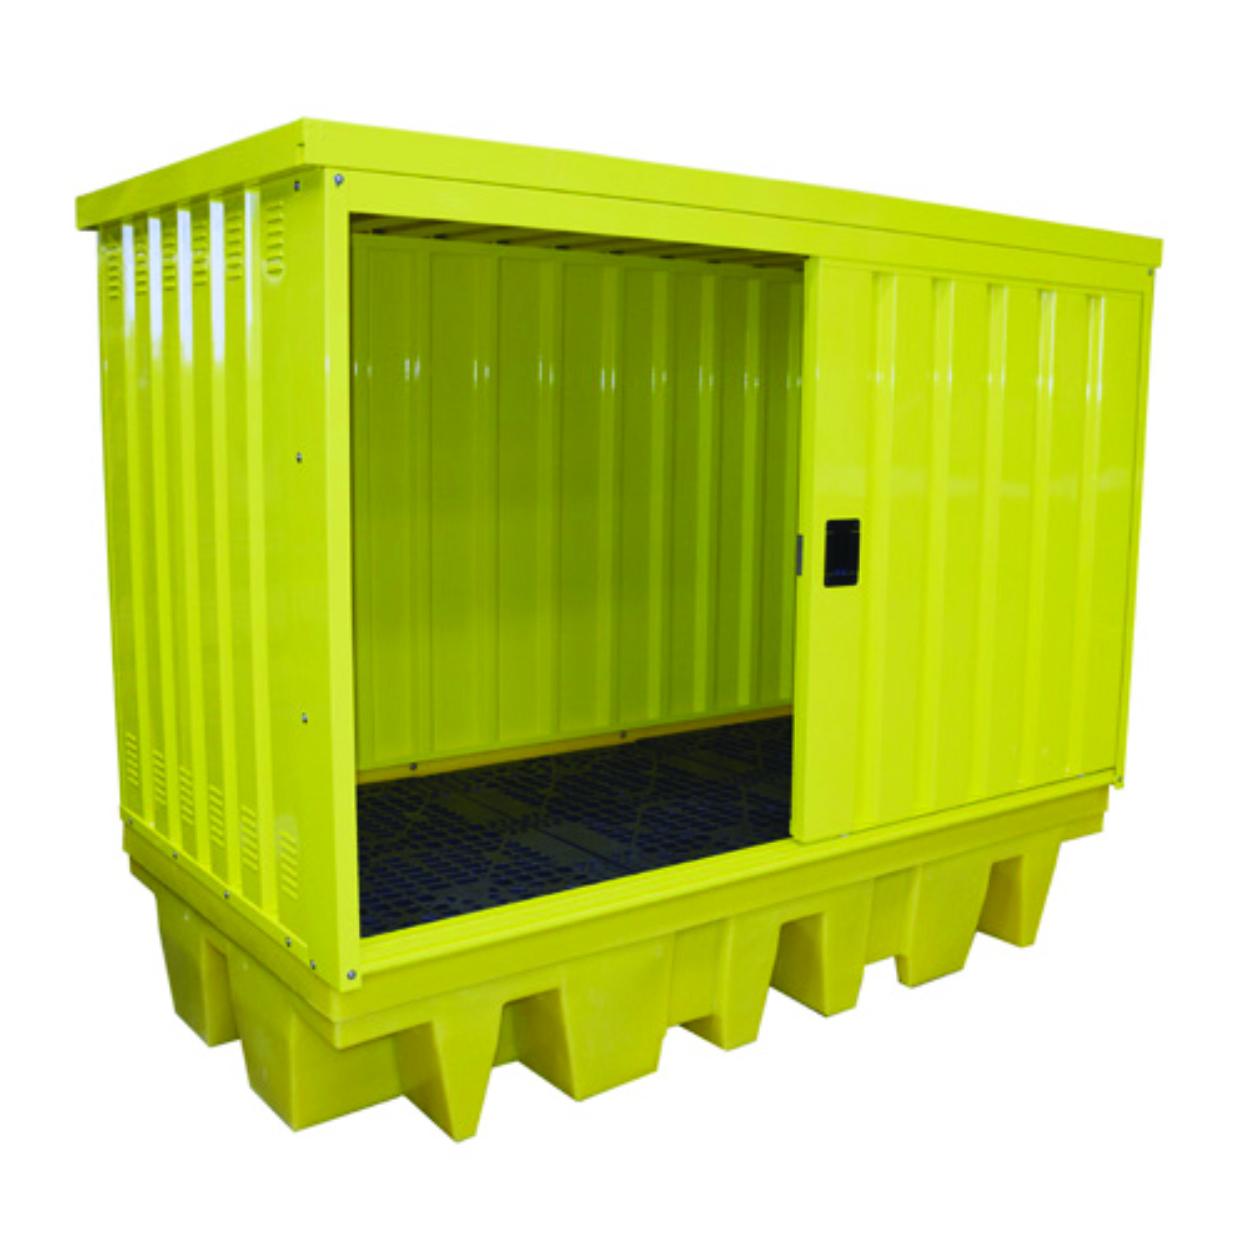 Záchytná krytá vana  pro 8 sudů/2 IBC kontejnery